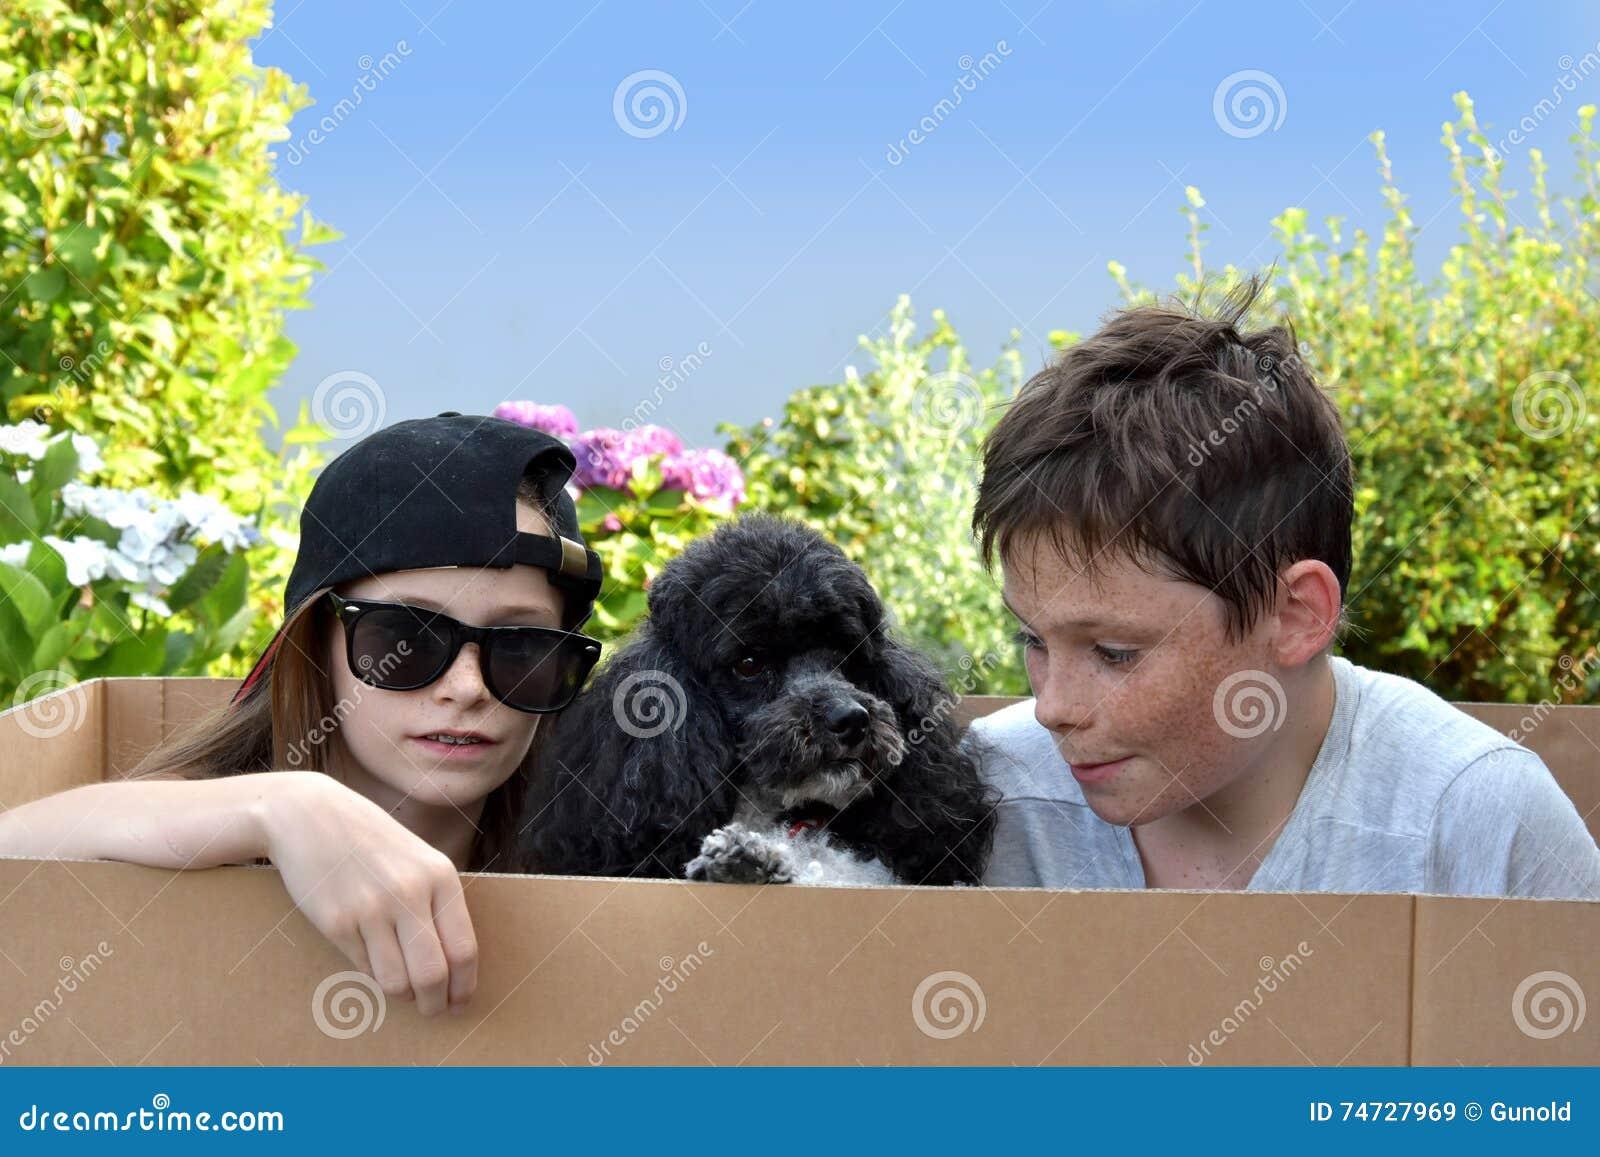 兄弟姐妹和狗